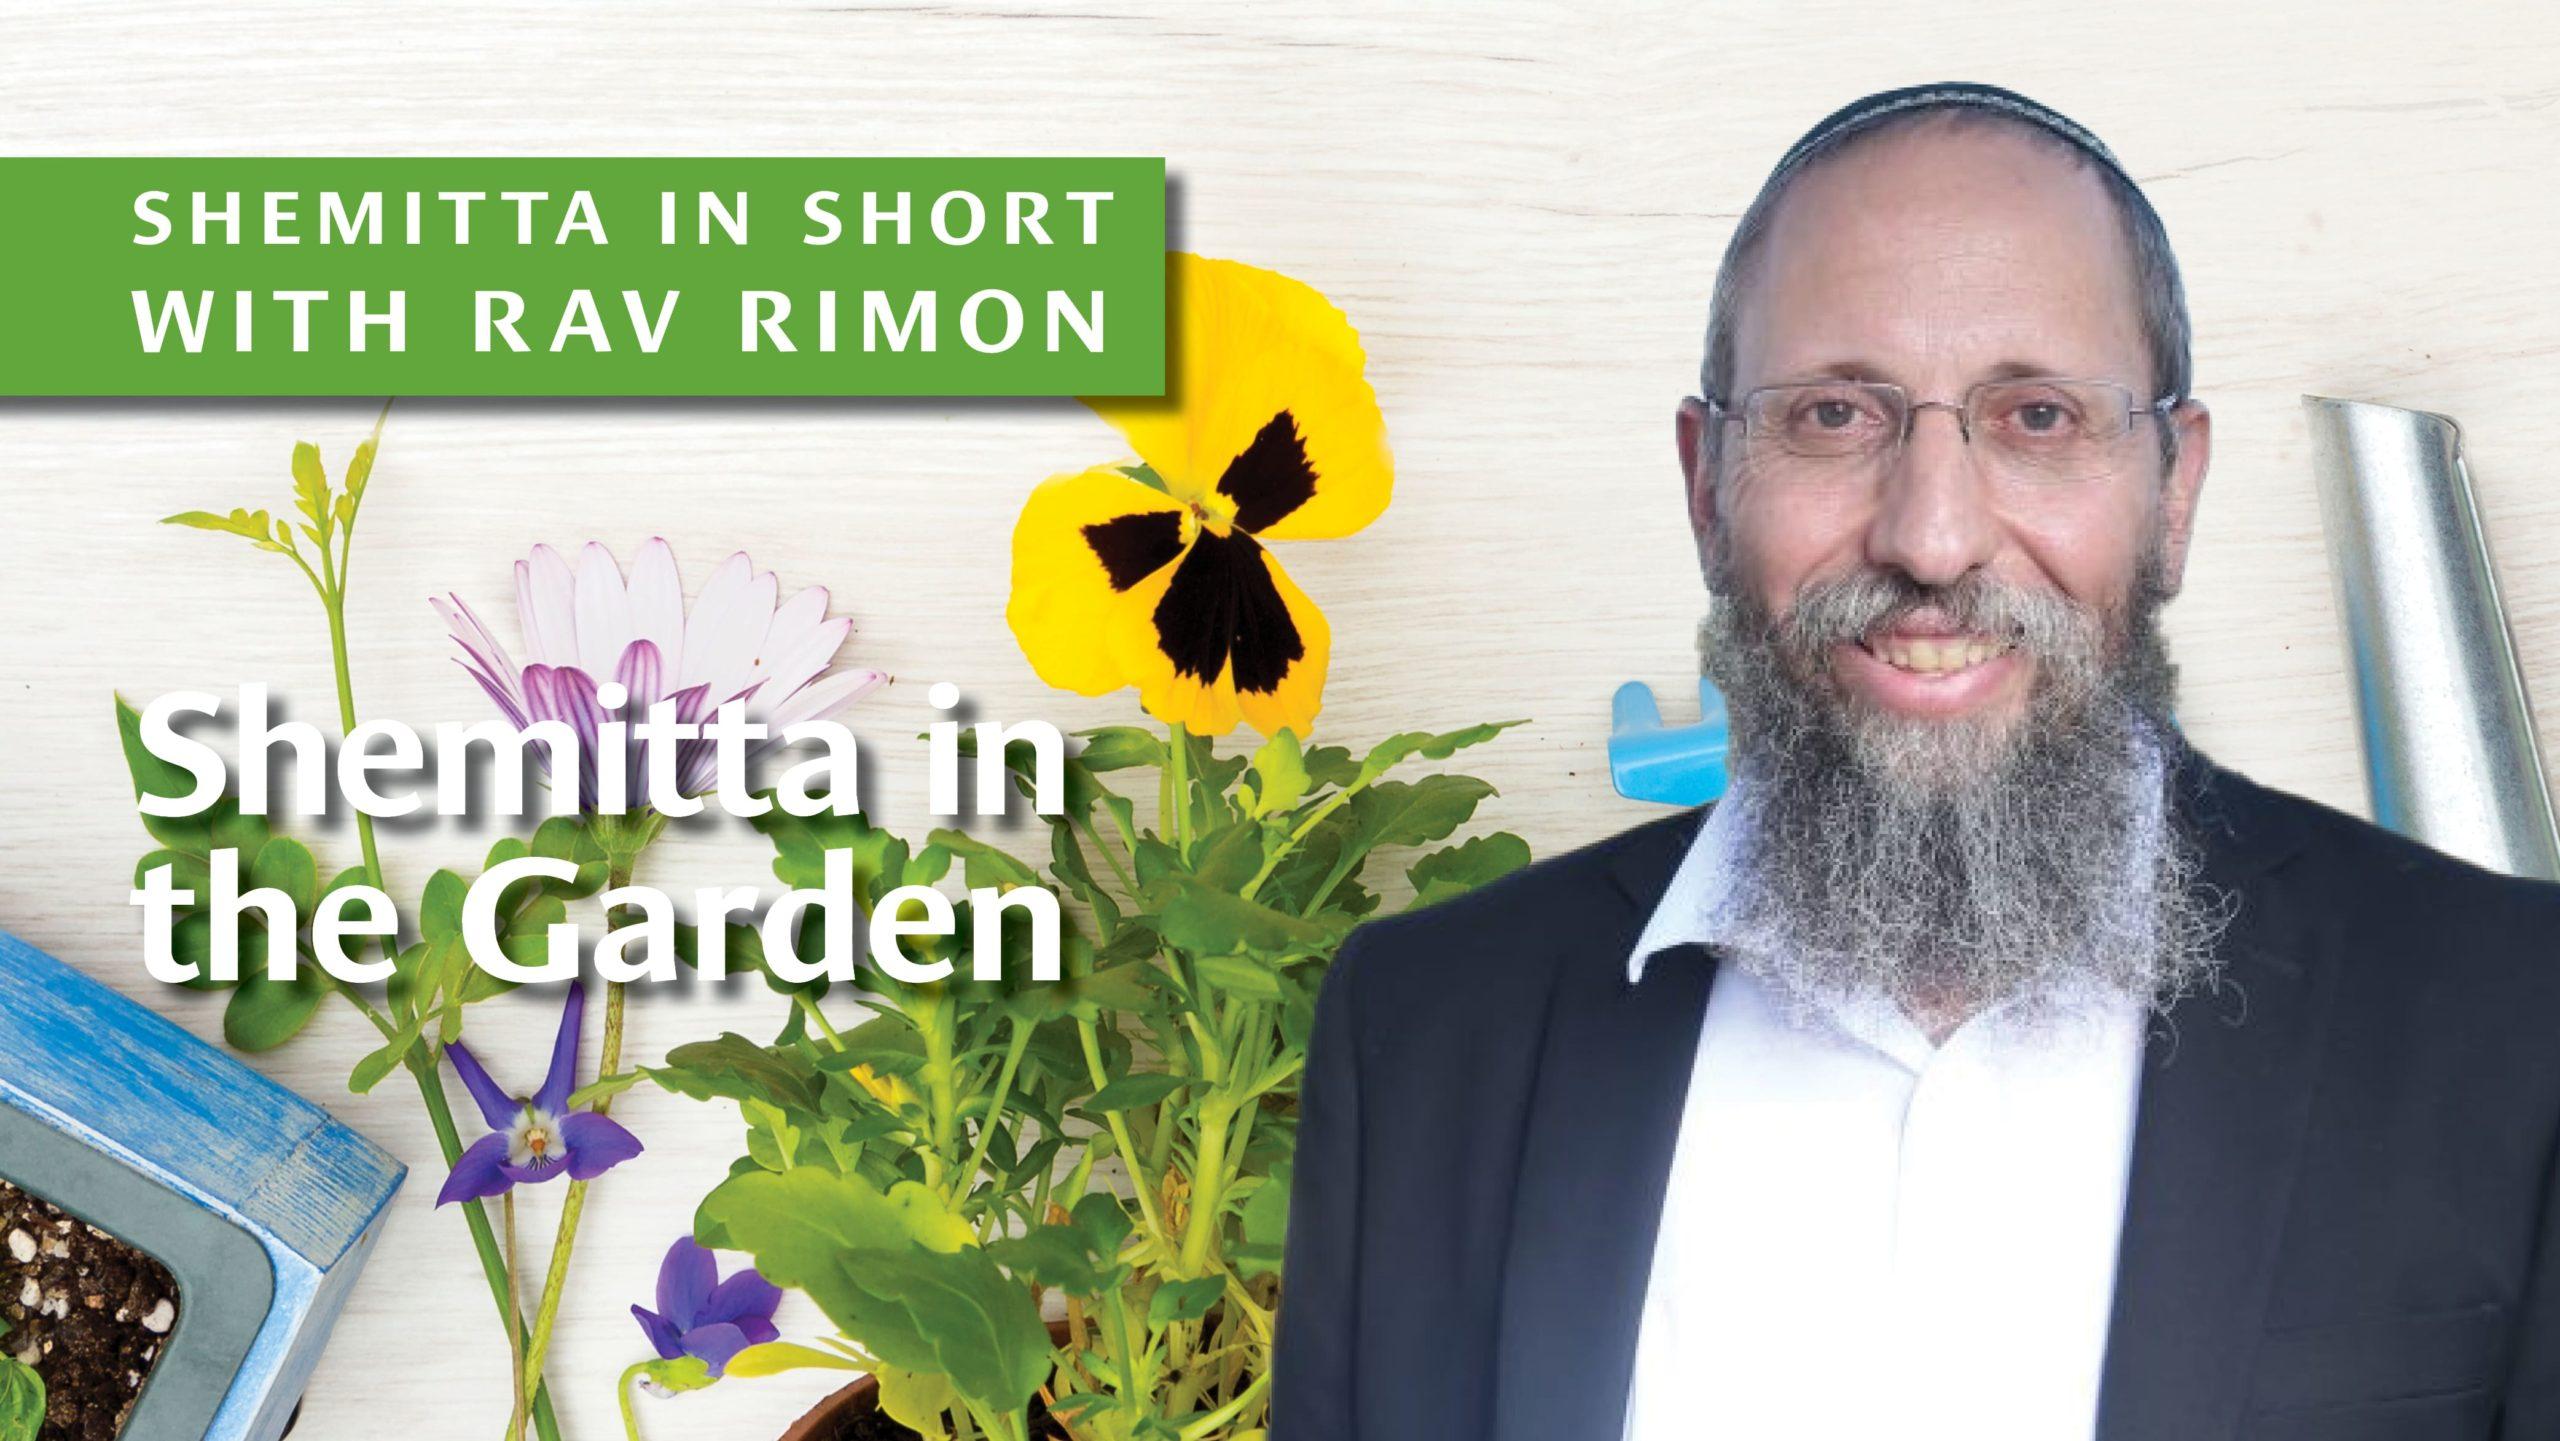 Shemitta in the Garden